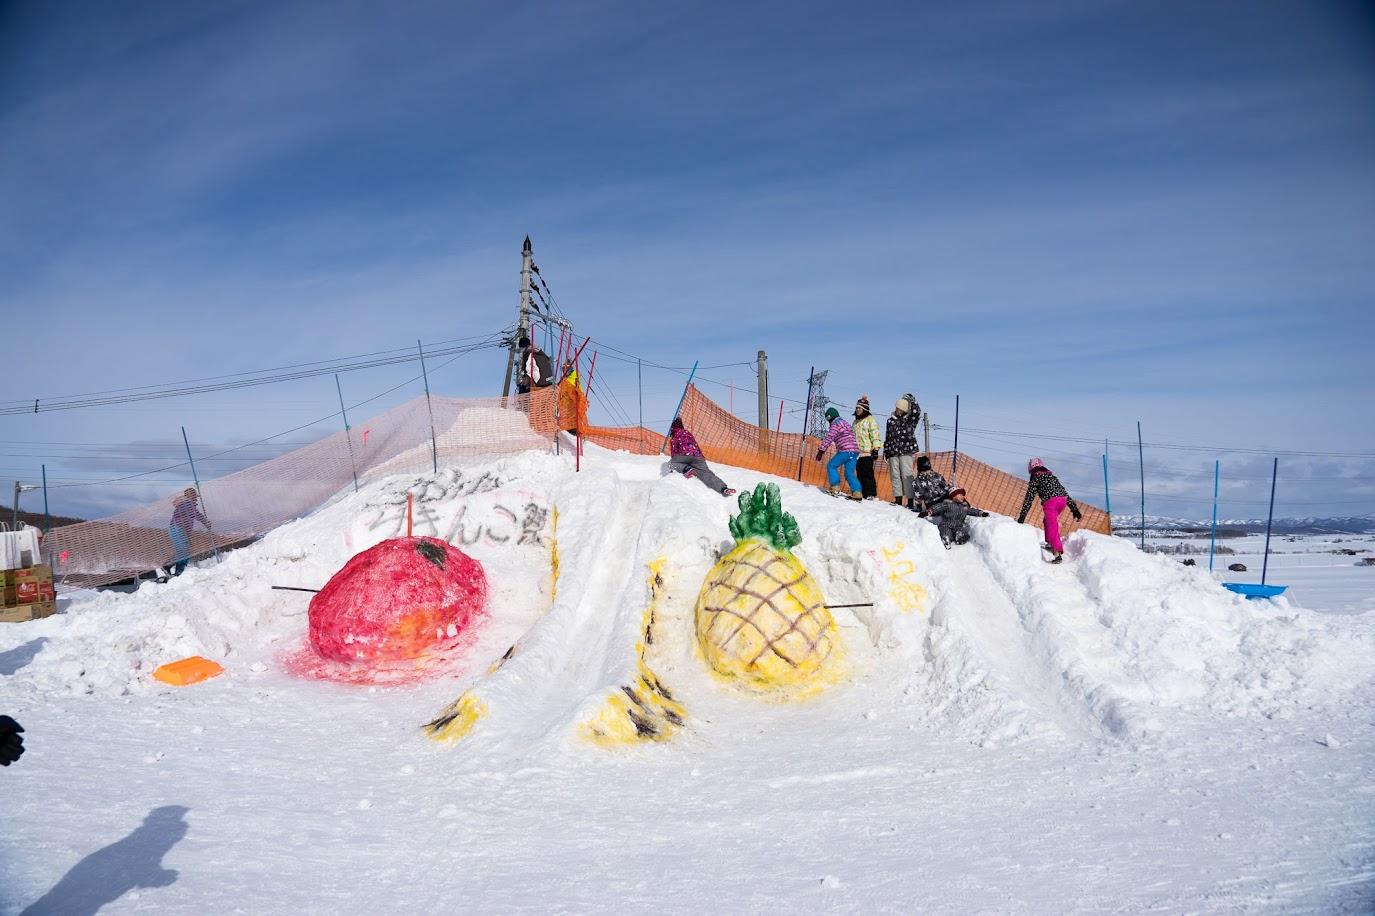 手作りの雪像滑り台